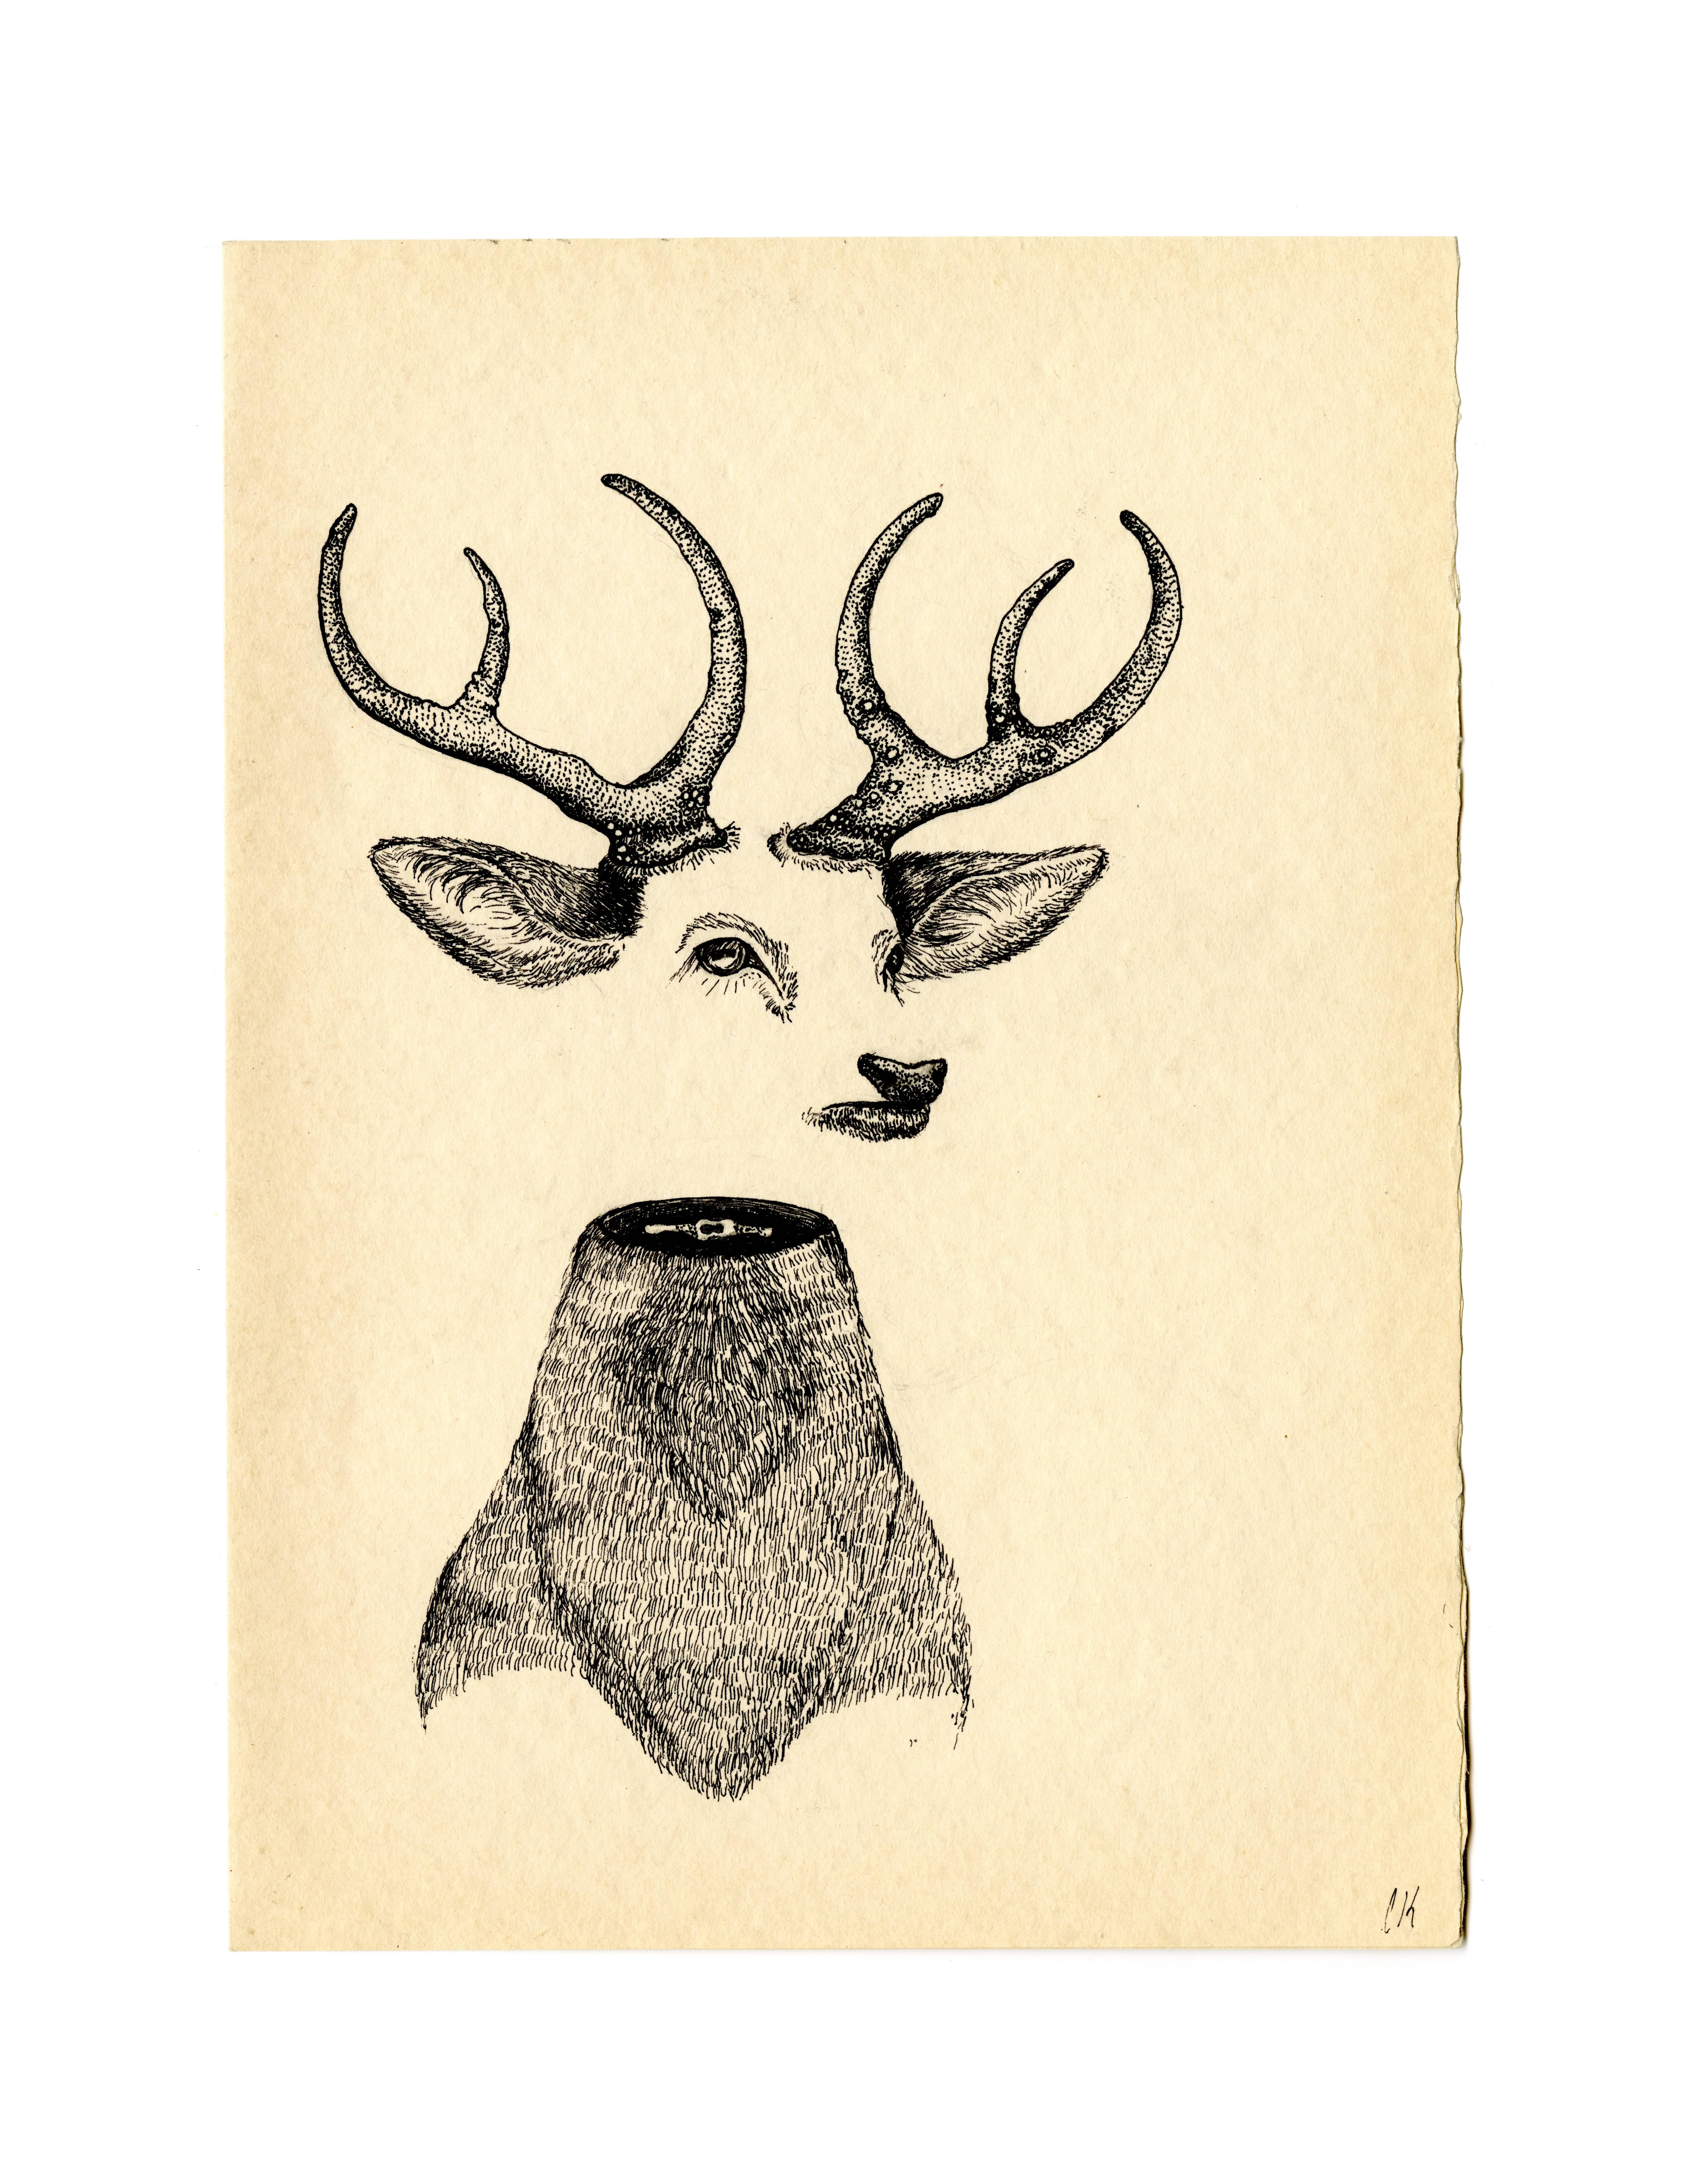 Weird Dear Print 7/7